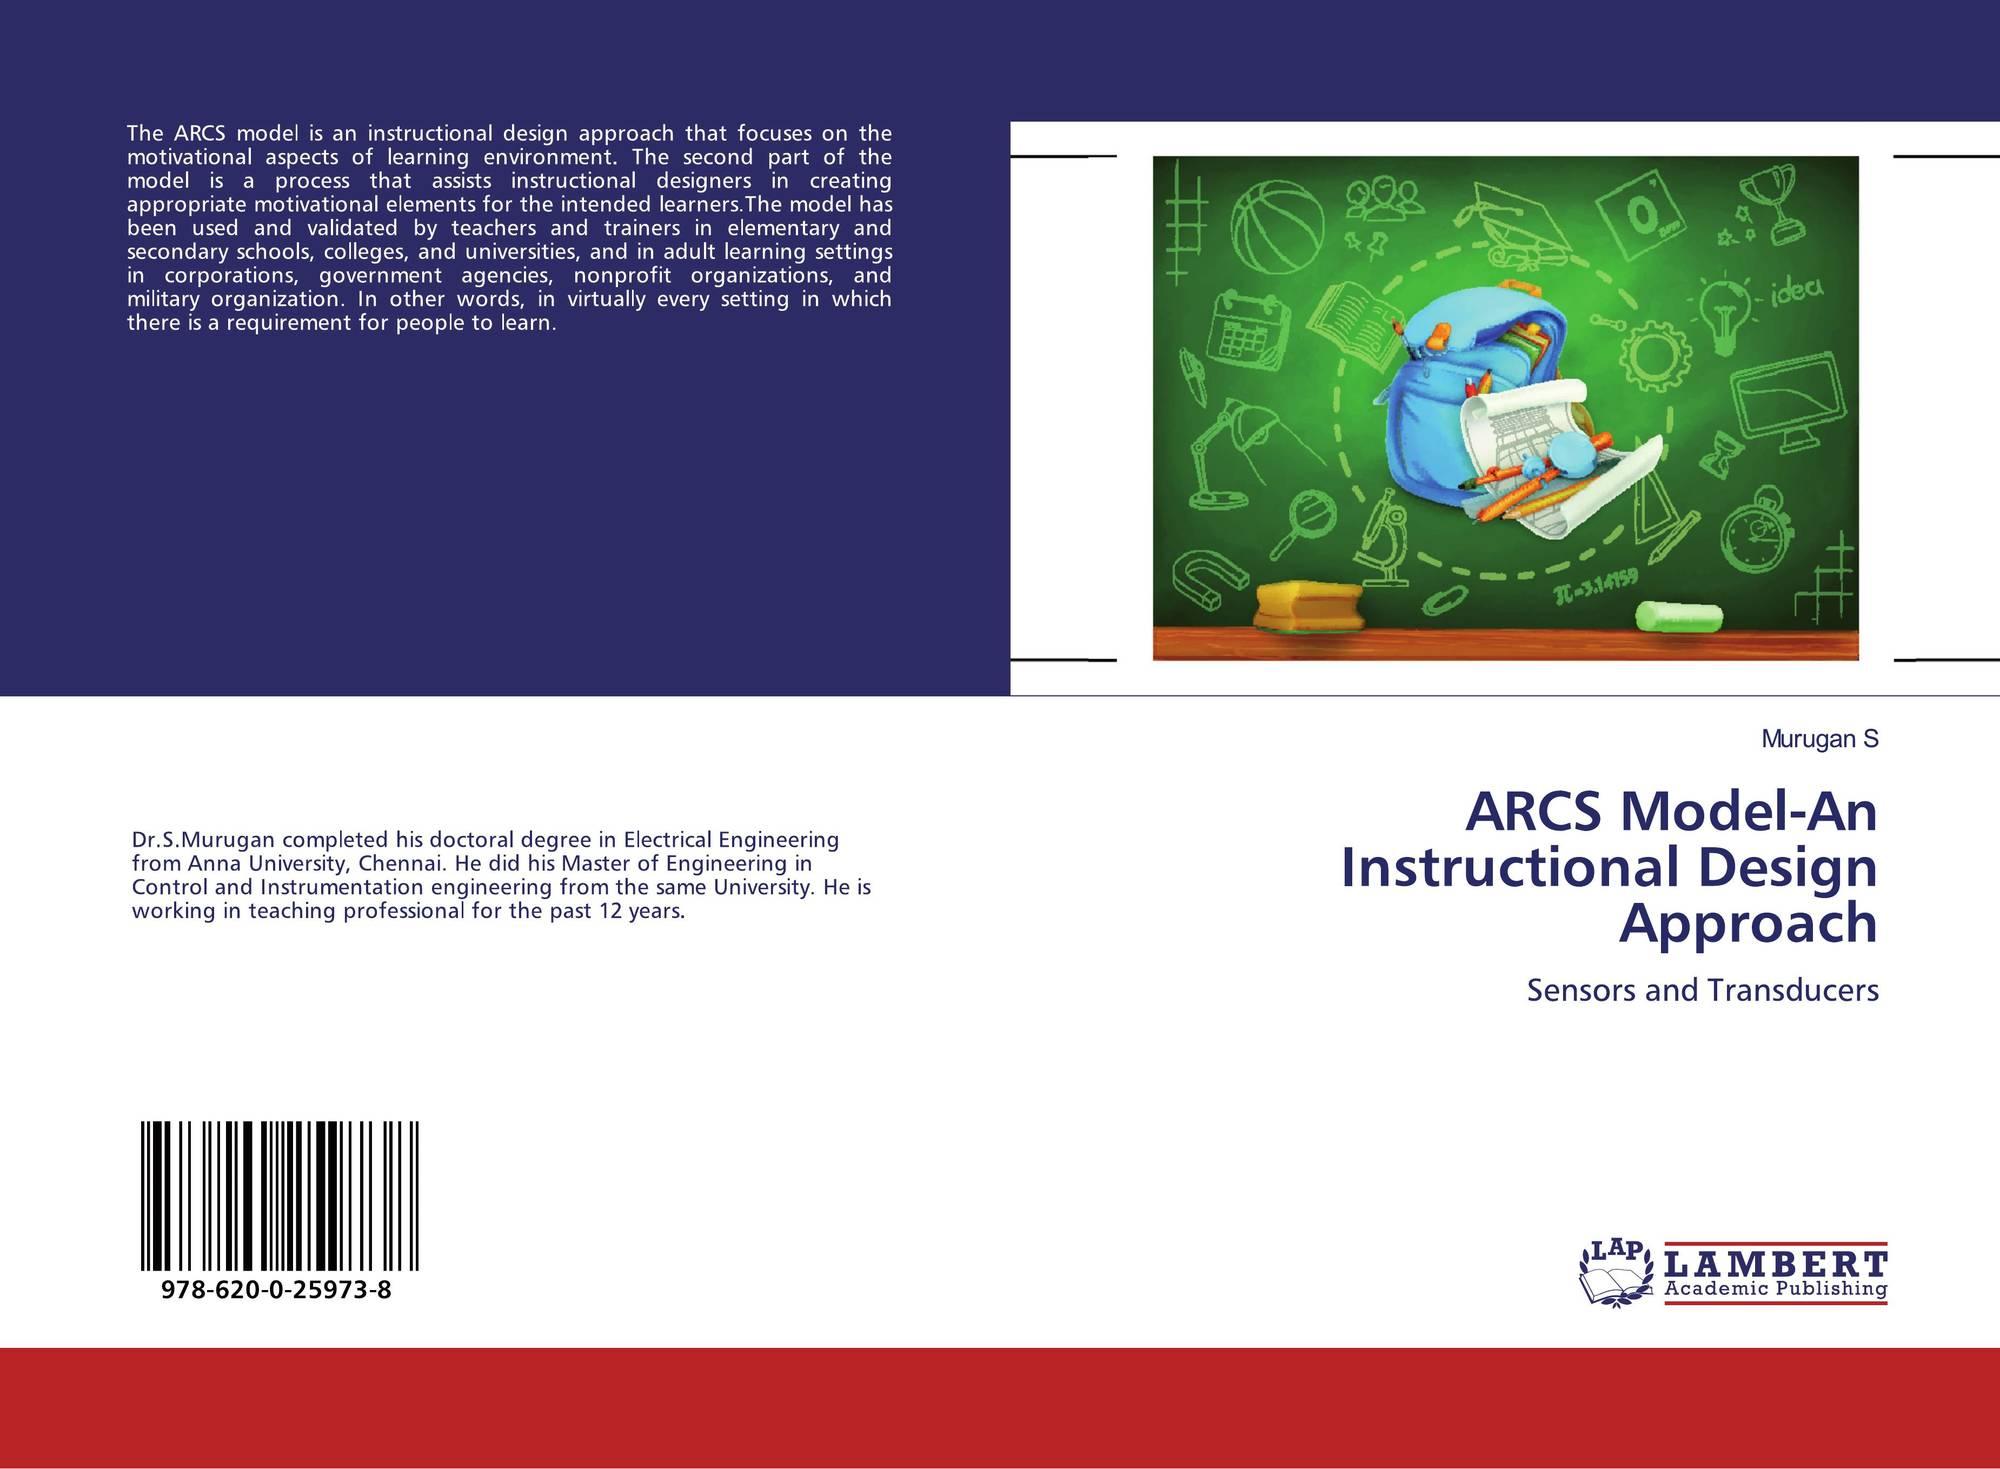 Arcs Model An Instructional Design Approach 978 620 0 25973 8 6200259739 9786200259738 By Murugan S